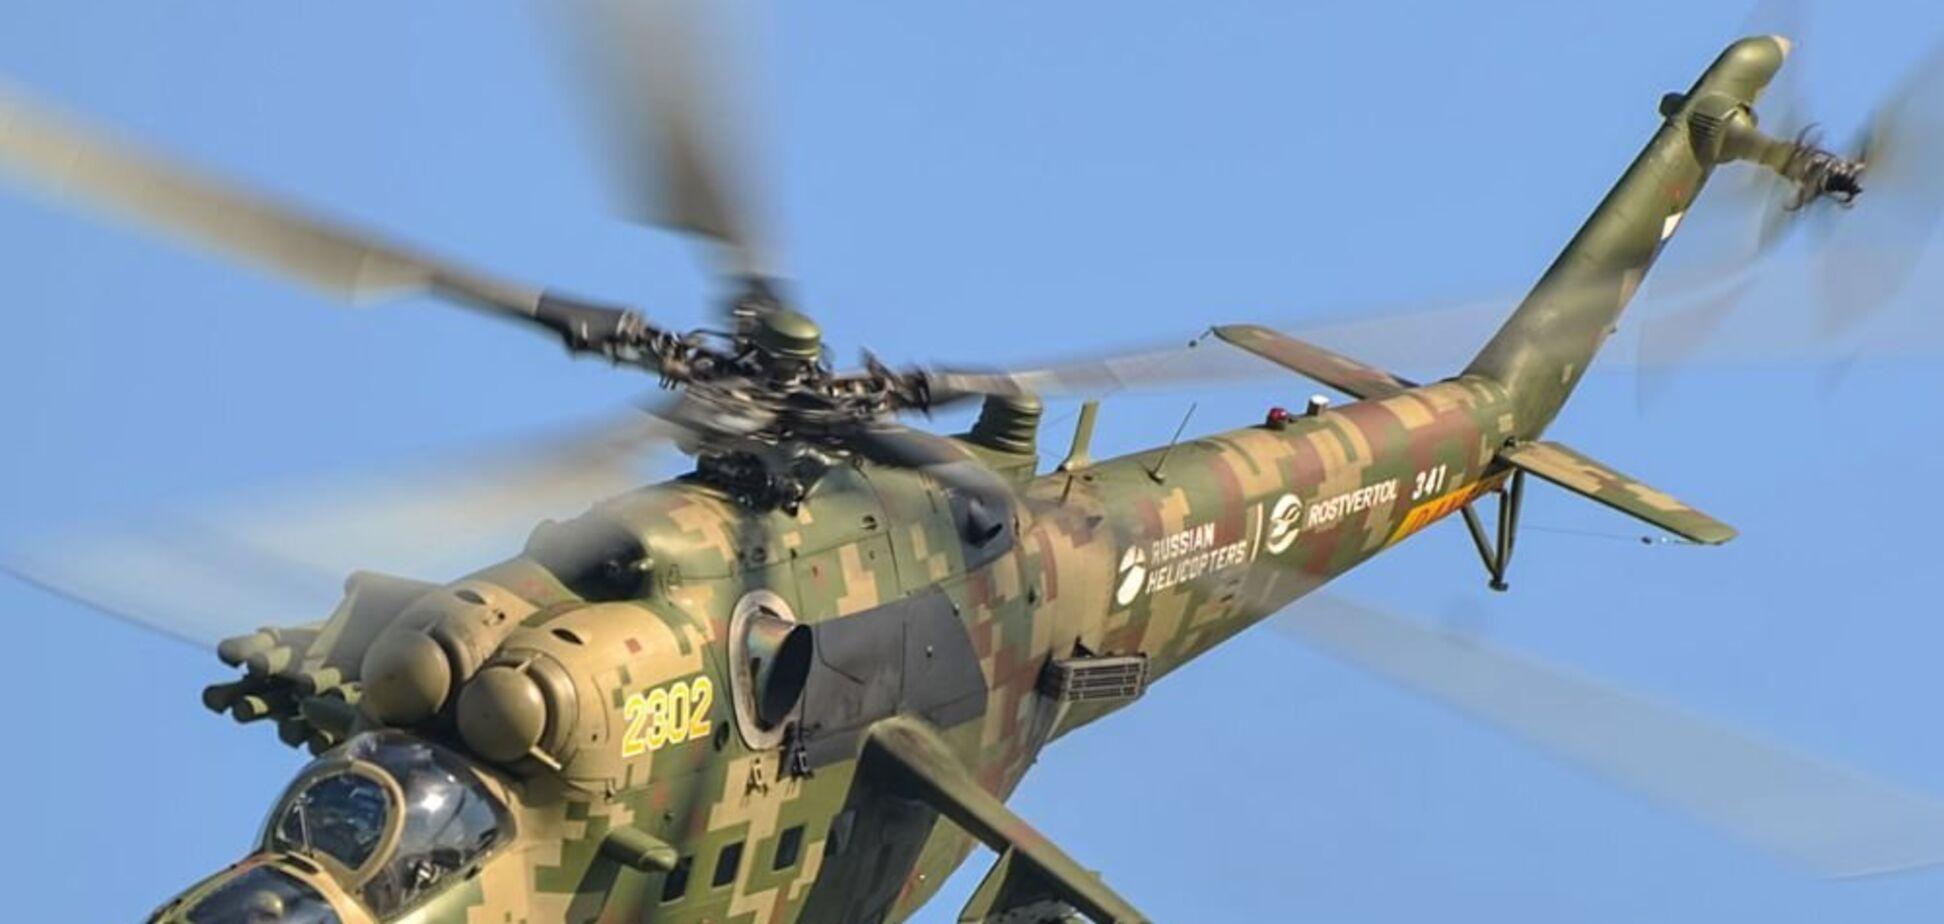 Российский вертолет сбит в Армении (иллюстрация)